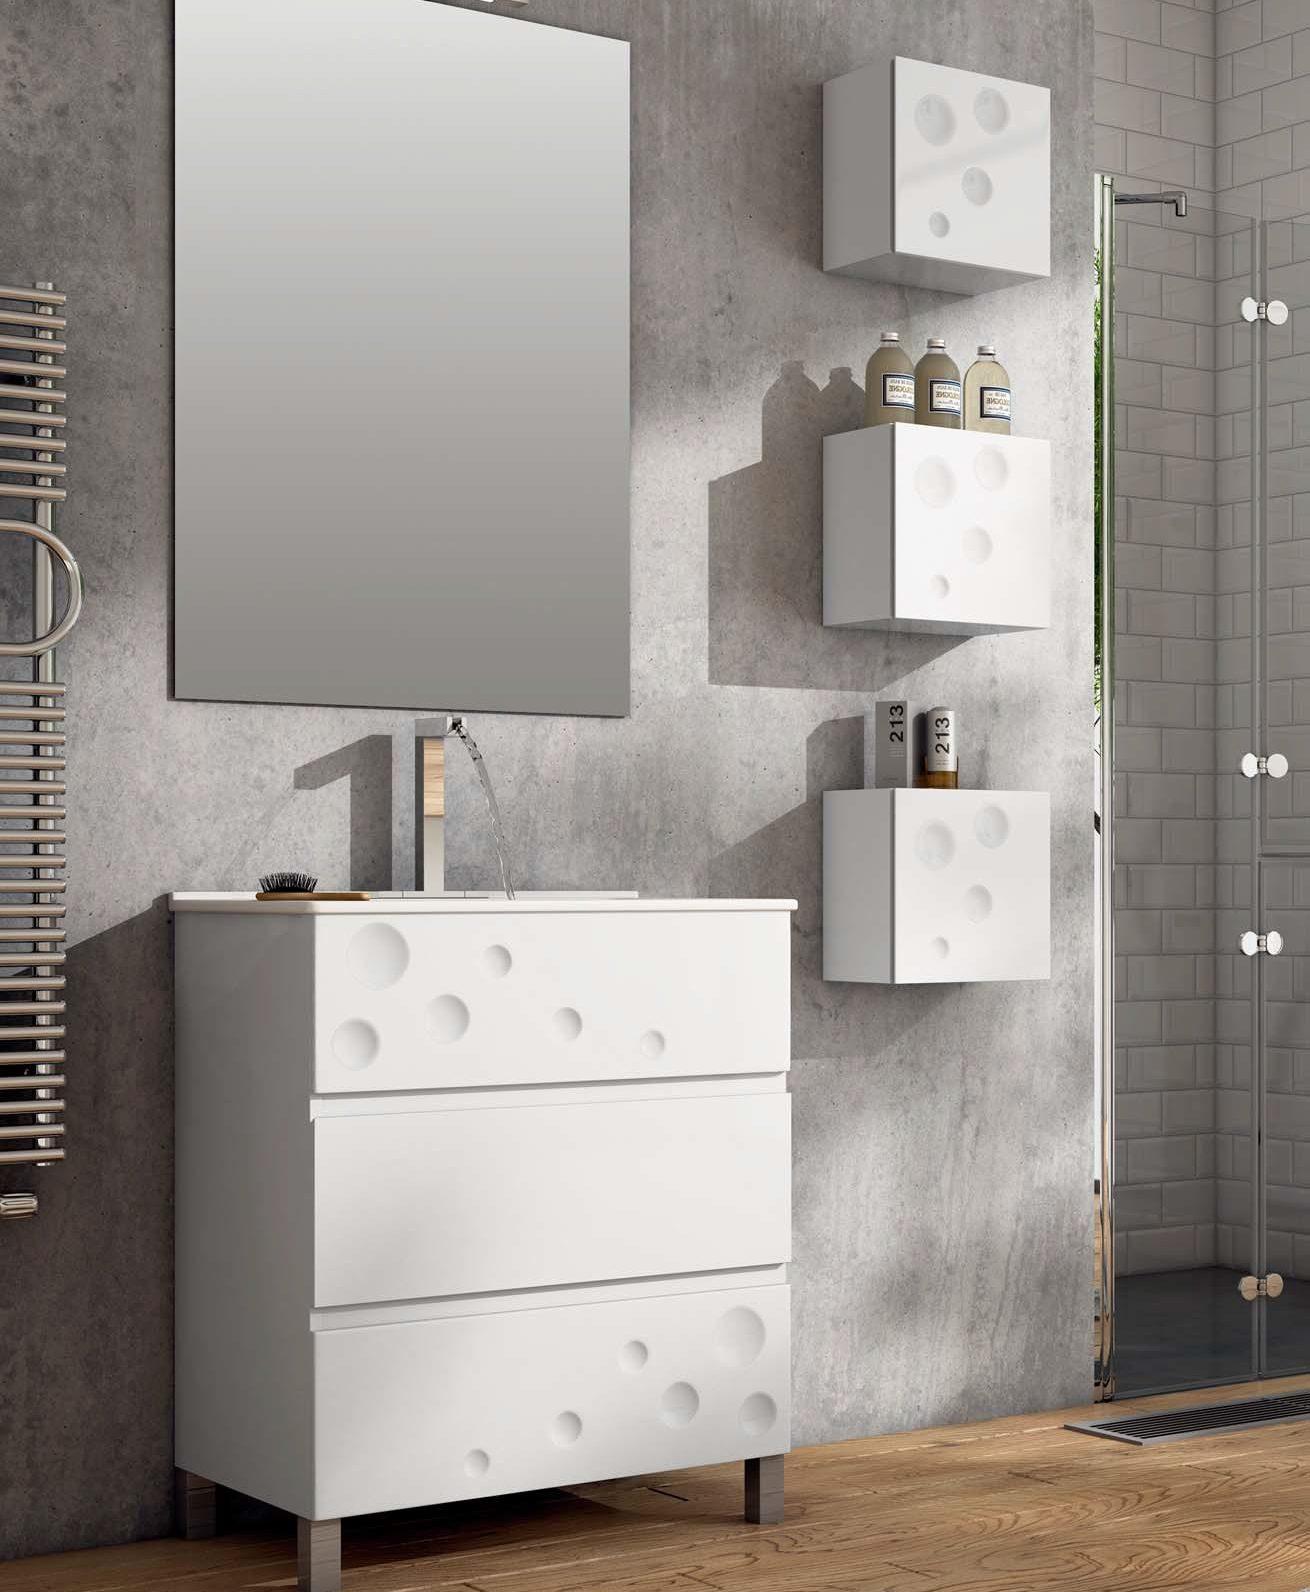 Muebles de bao alicante top amazing muebles de lavabo for Muebles anticrisis el castor alicante